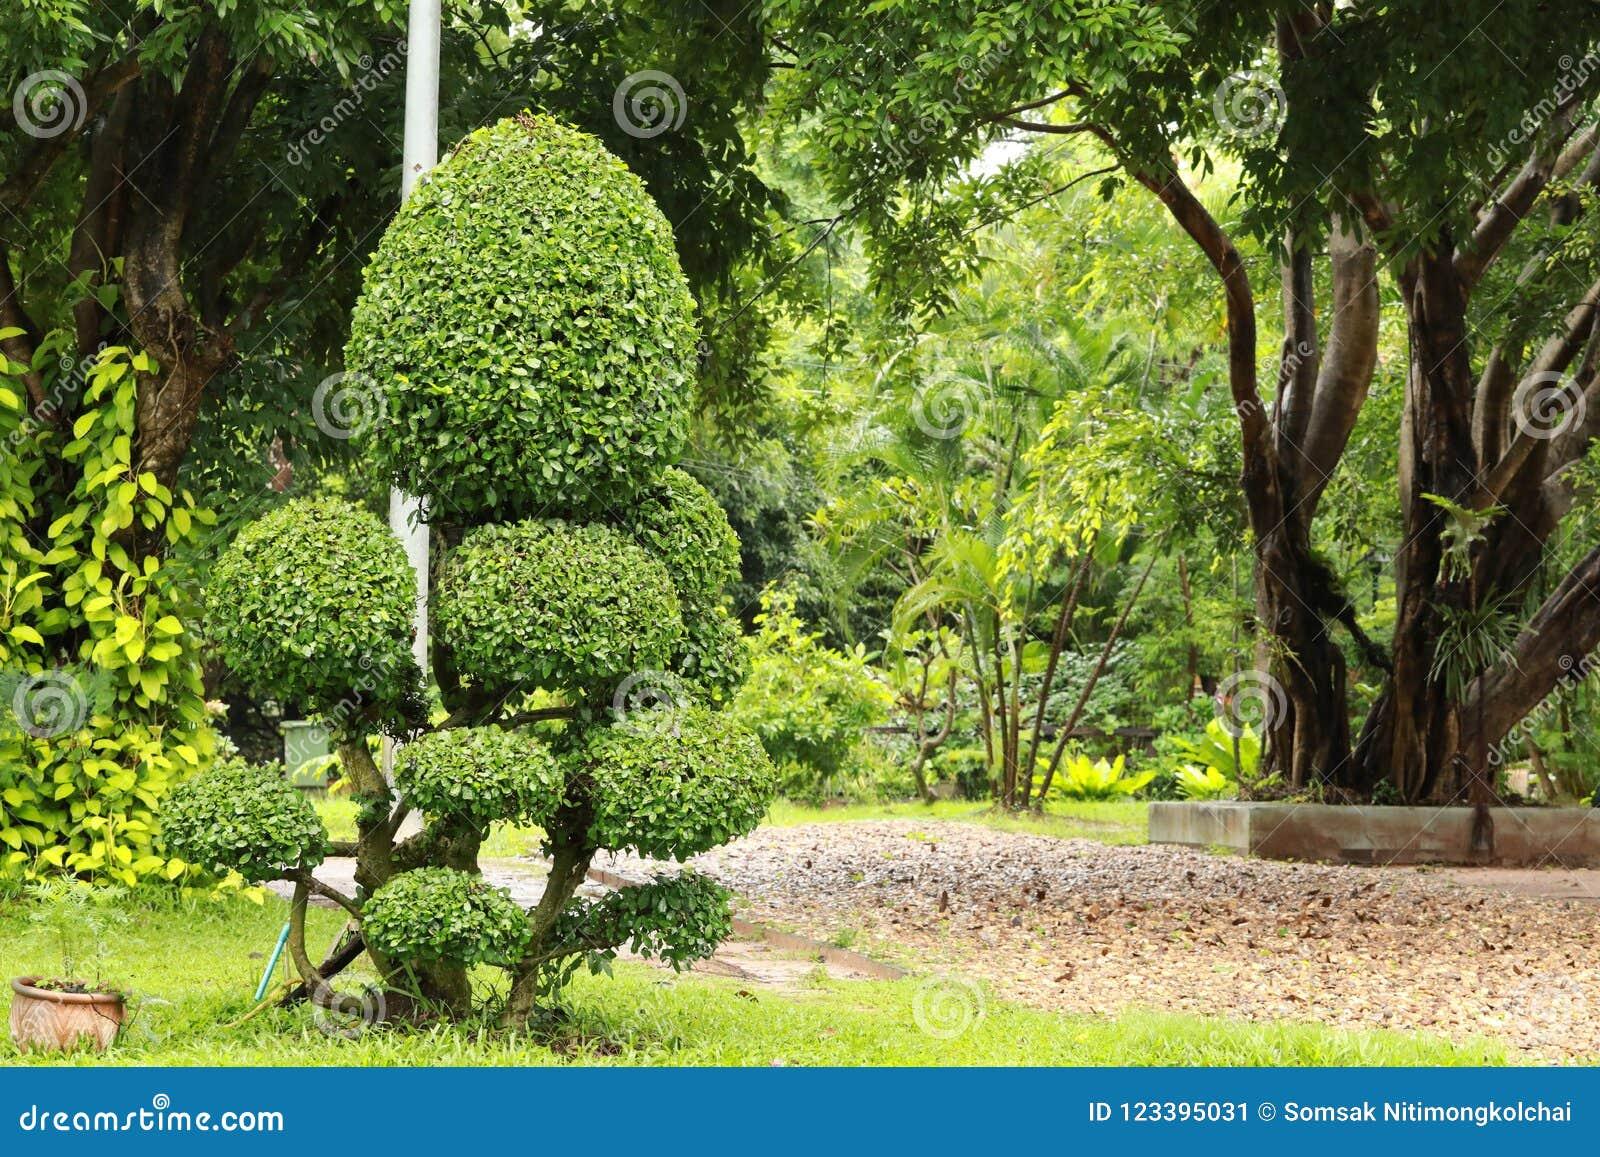 Prezzi Alberi Da Giardino albero nano nel giardino immagine stock. immagine di